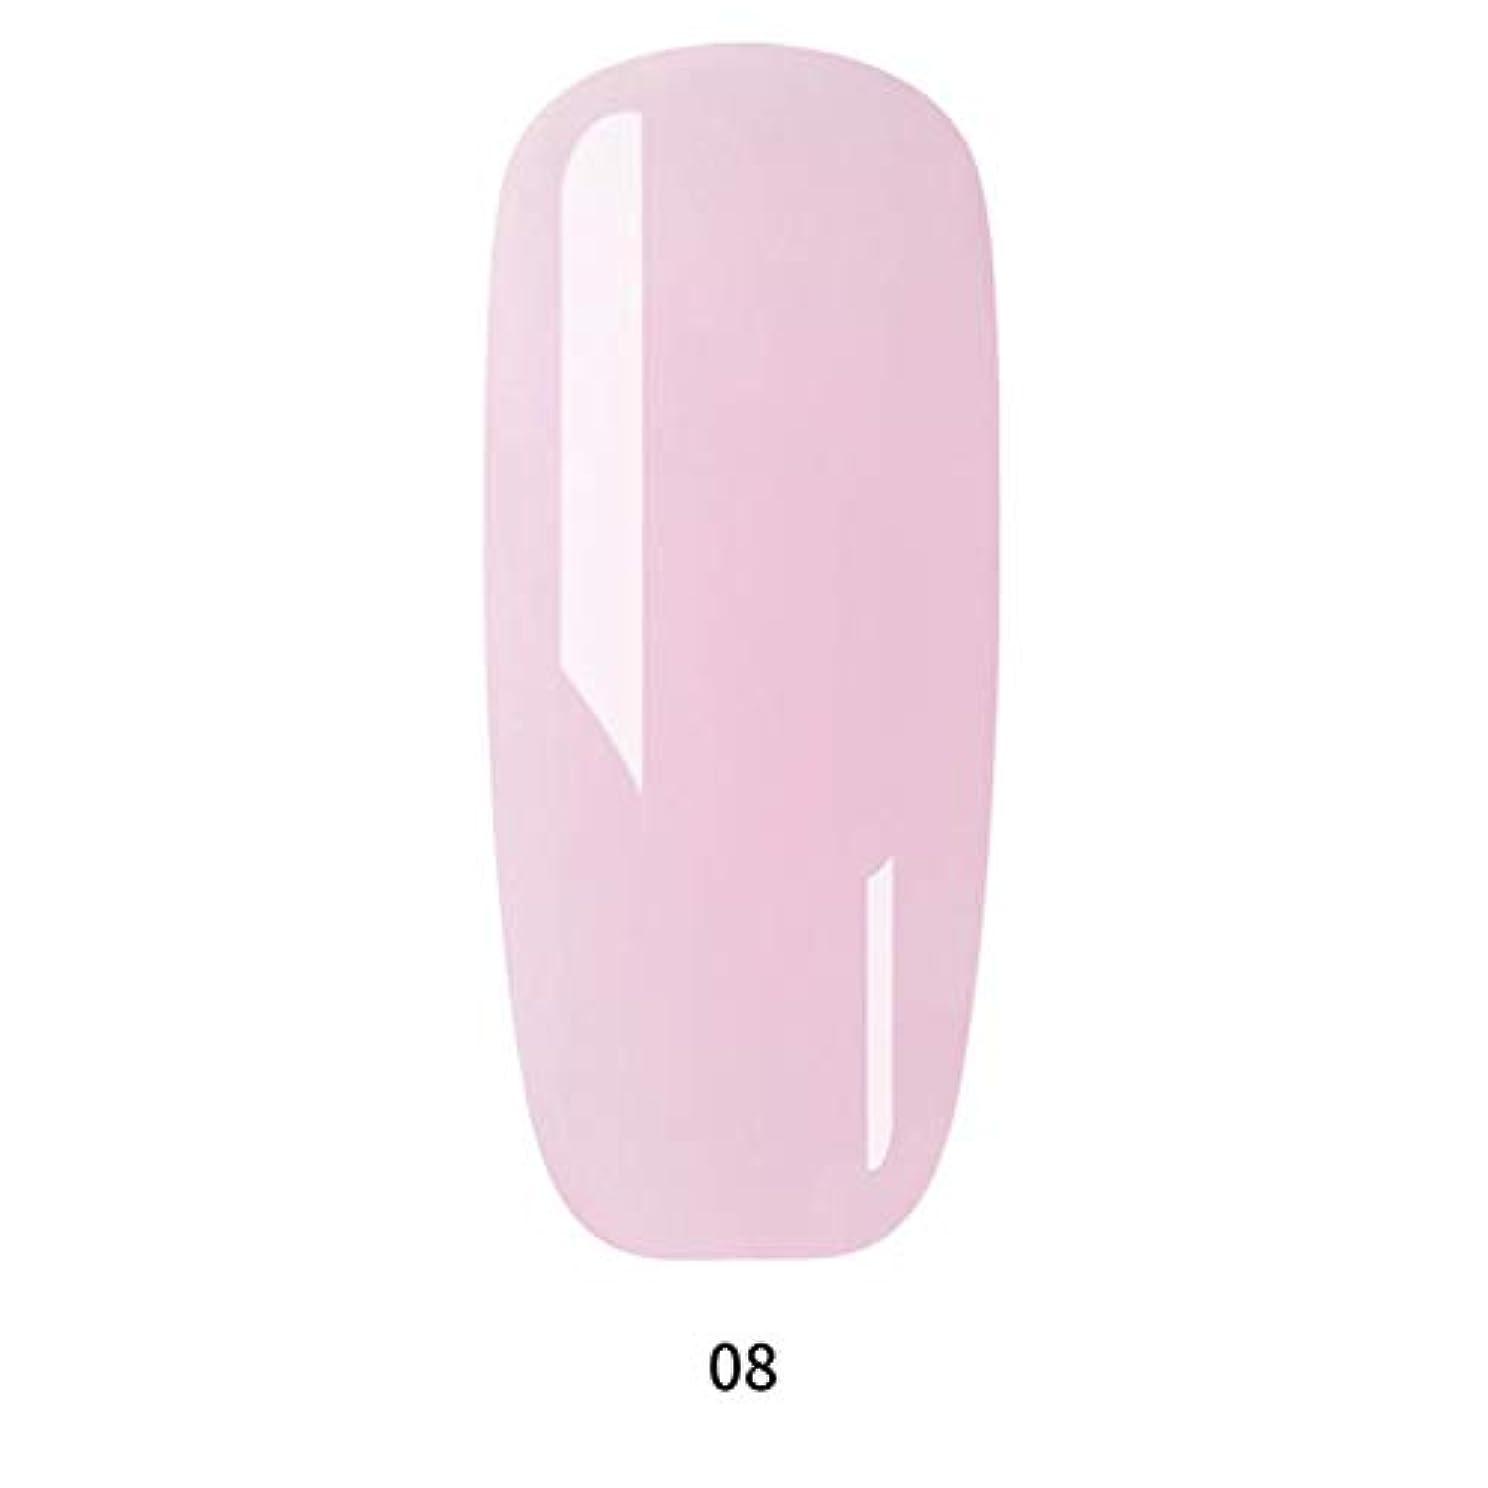 スケッチ見物人を必要としていますネイルアート ネイル接着剤 人工偽爪 ネイルジェル 爪指延長接着剤 UV延長接着剤 ティップエクステンション 9色選べる junexi